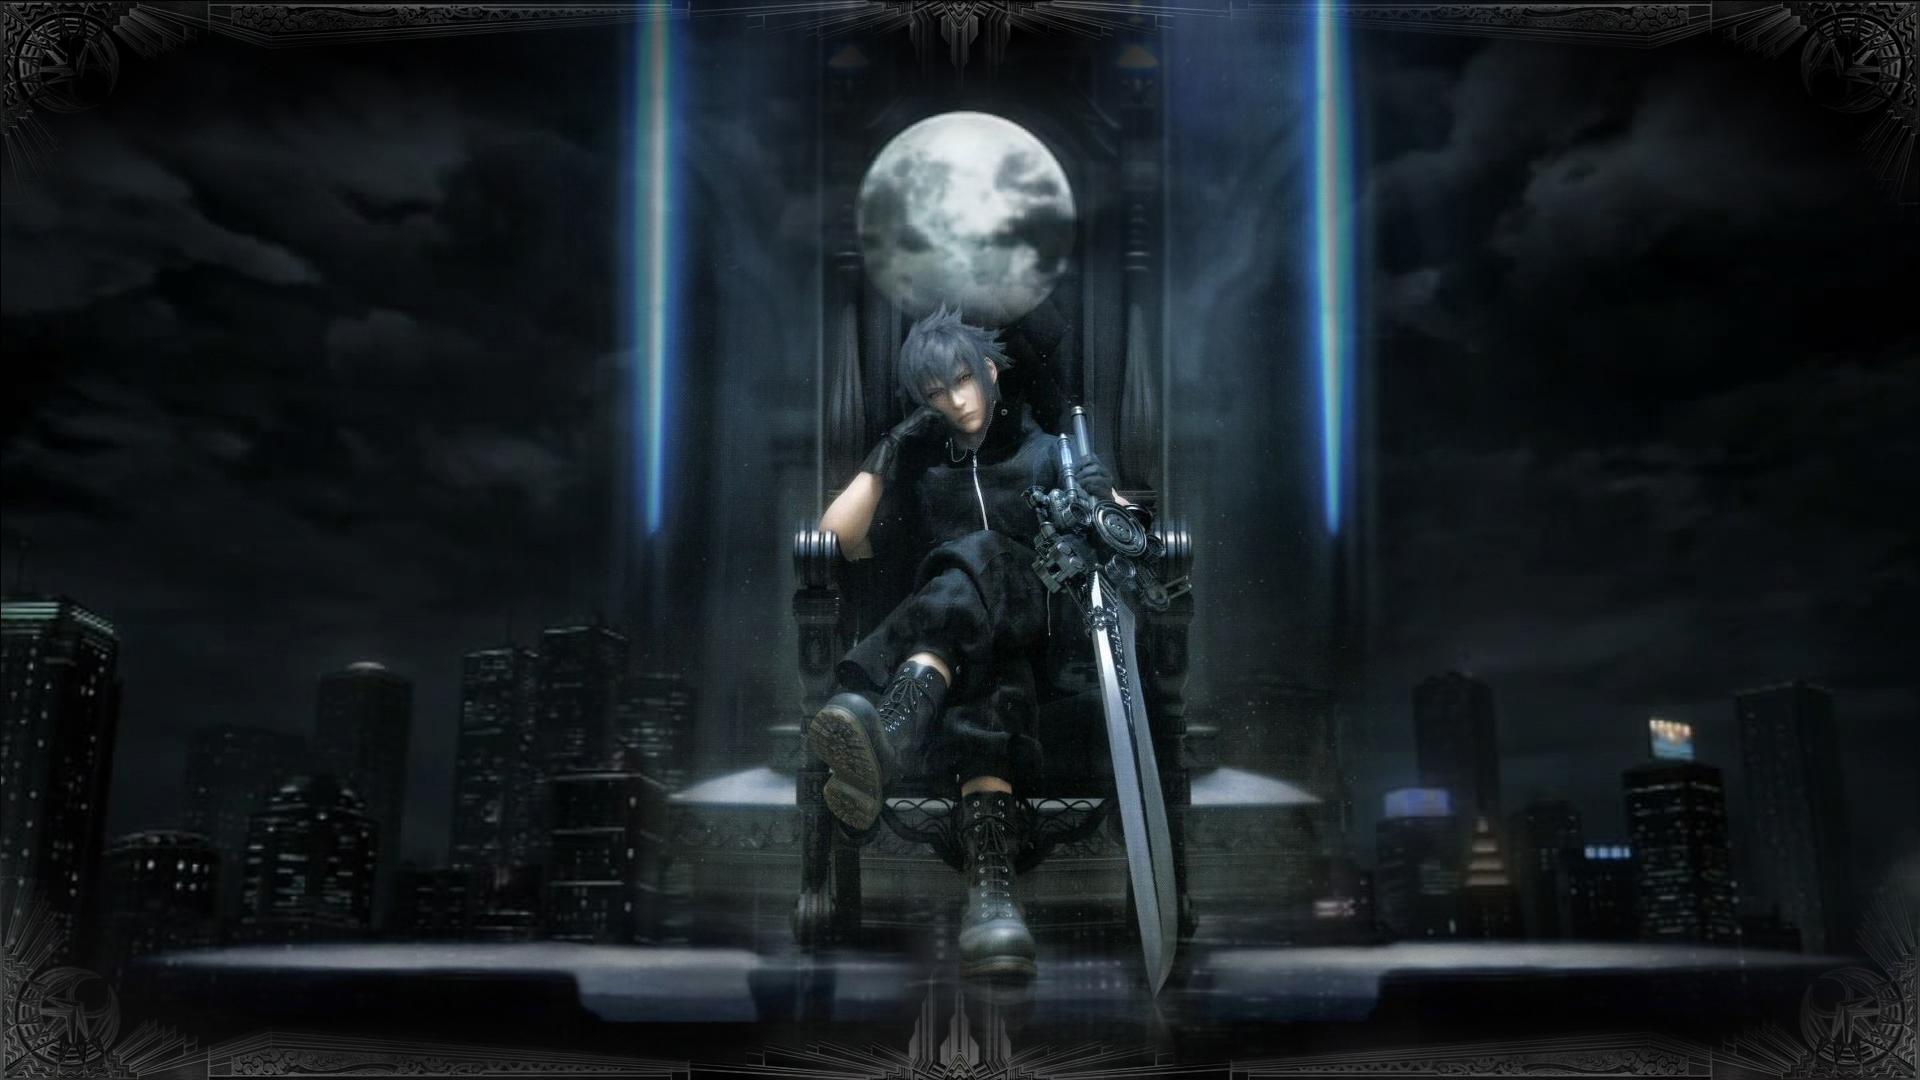 final fantasy xv : des infos sur le gameplay, les persos et d'autres